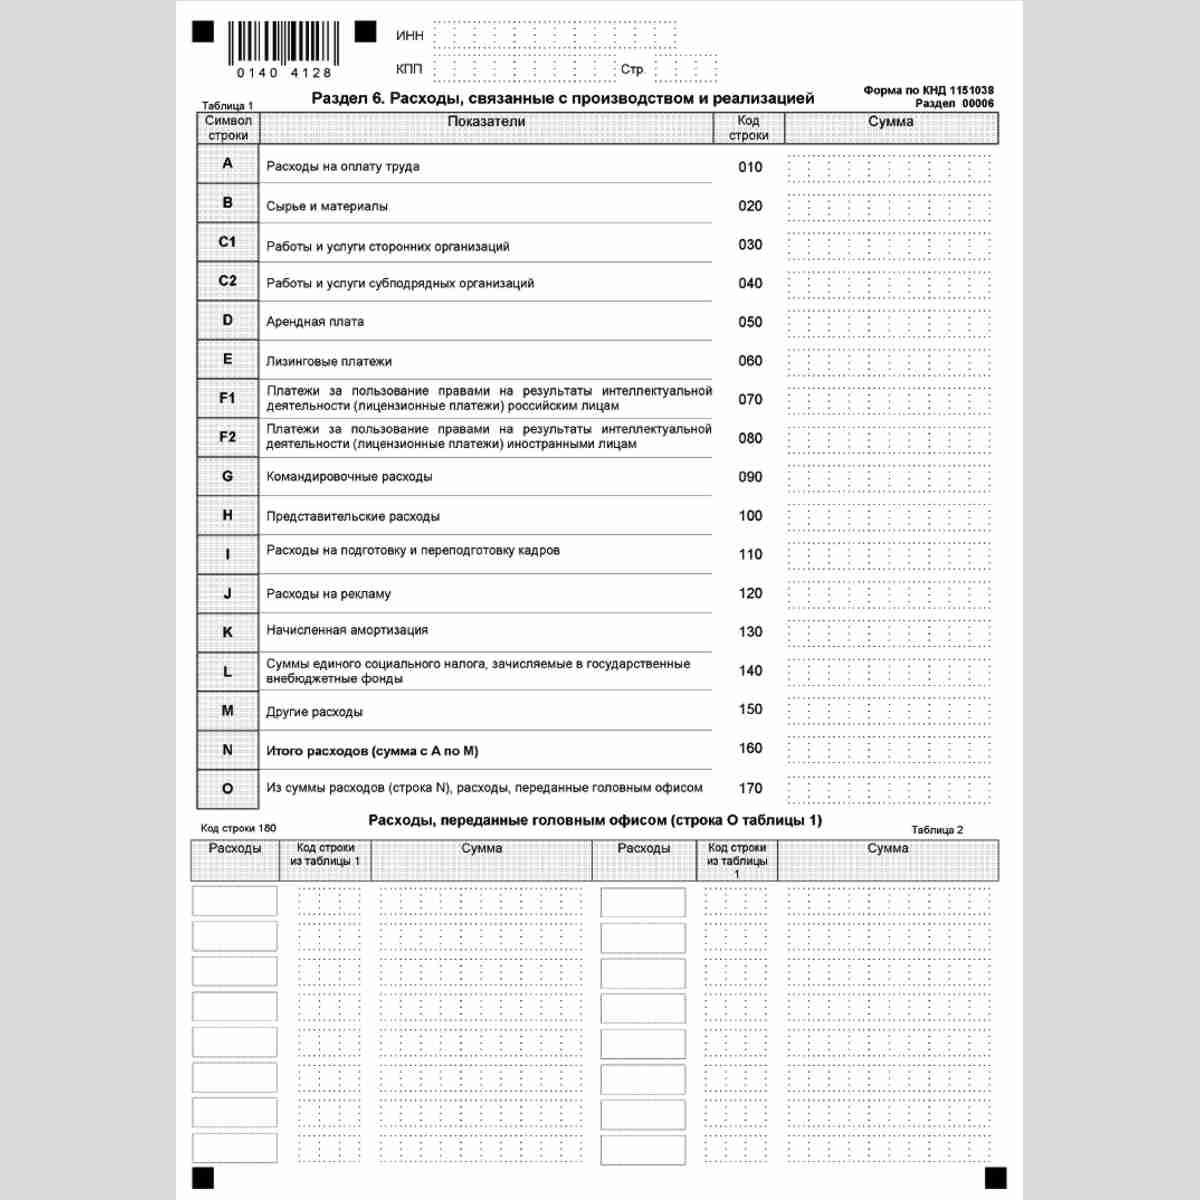 """Форма КНД 1151038 """"Налоговая декларация по налогу на прибыль иностранной организации"""". Стр. 12"""